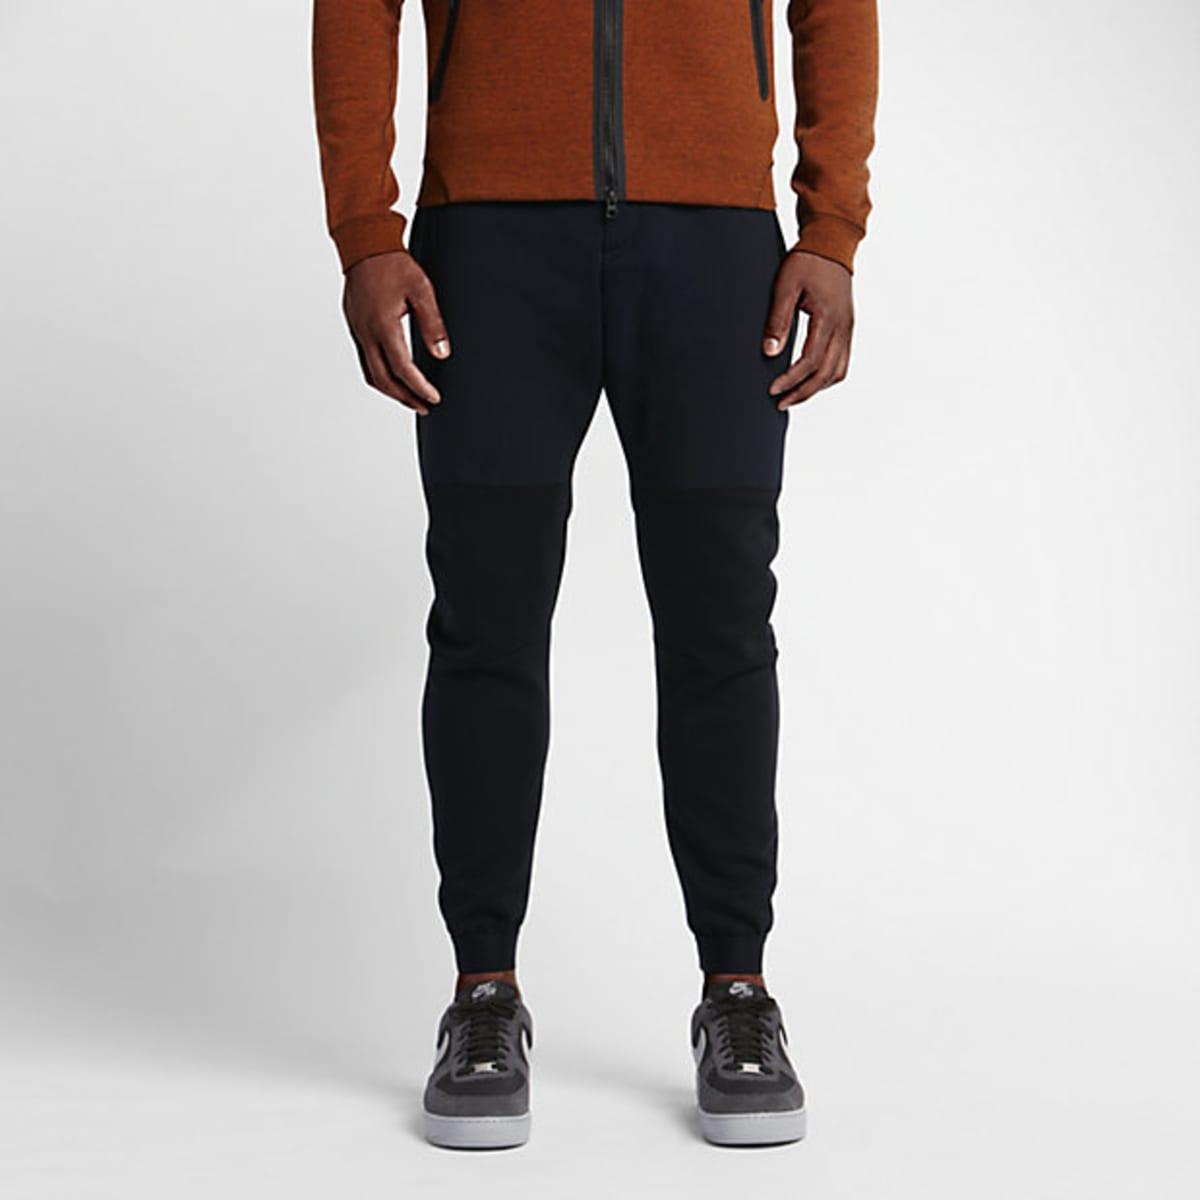 Huge savings for skinny winter pants